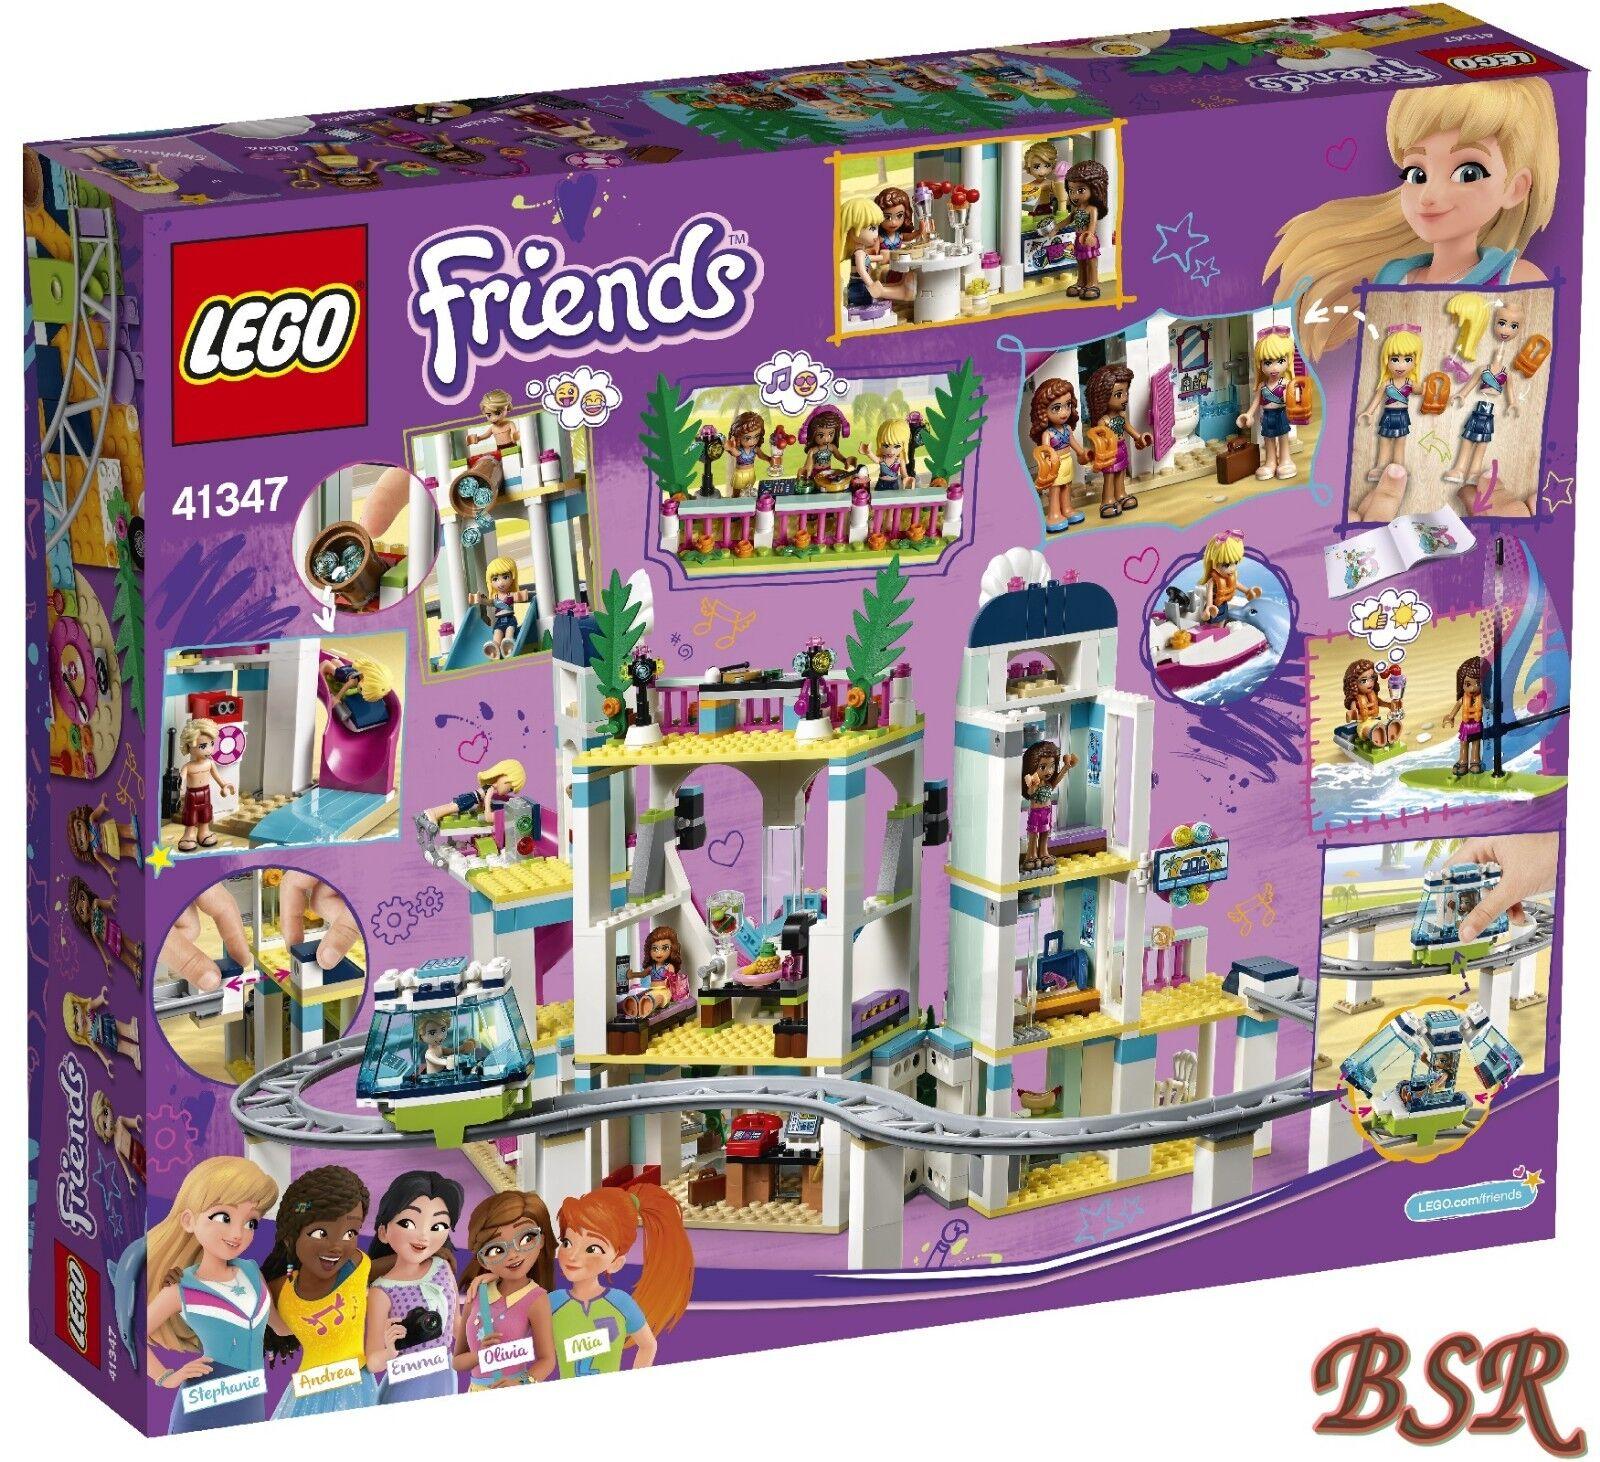 LEGO® Friends   41347 Heartlake City Resort & 0.- 0.- 0.- Versand & NEU & OVP c0ea9e